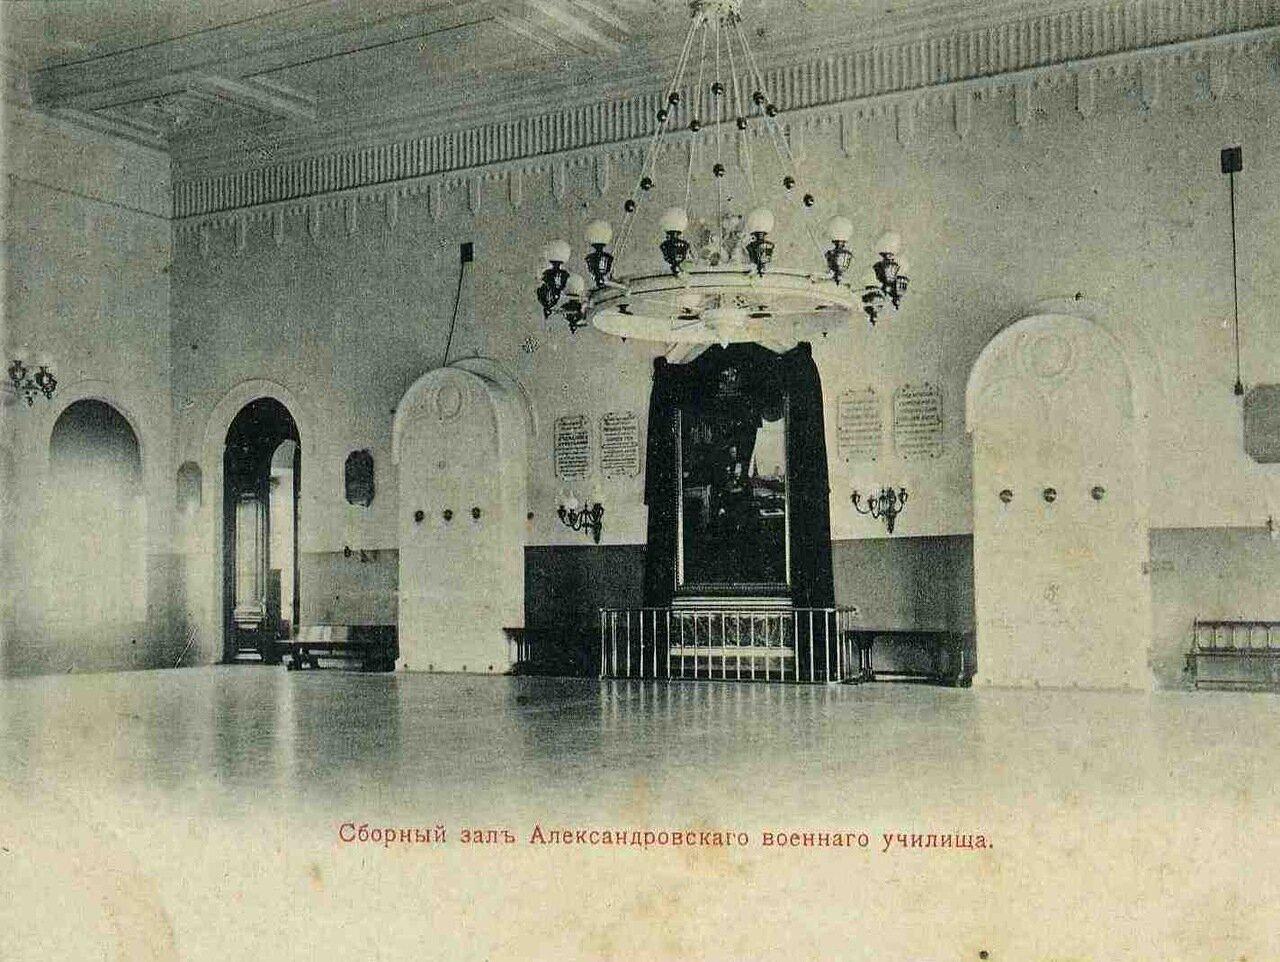 Александровское военное училище. Сборный зал